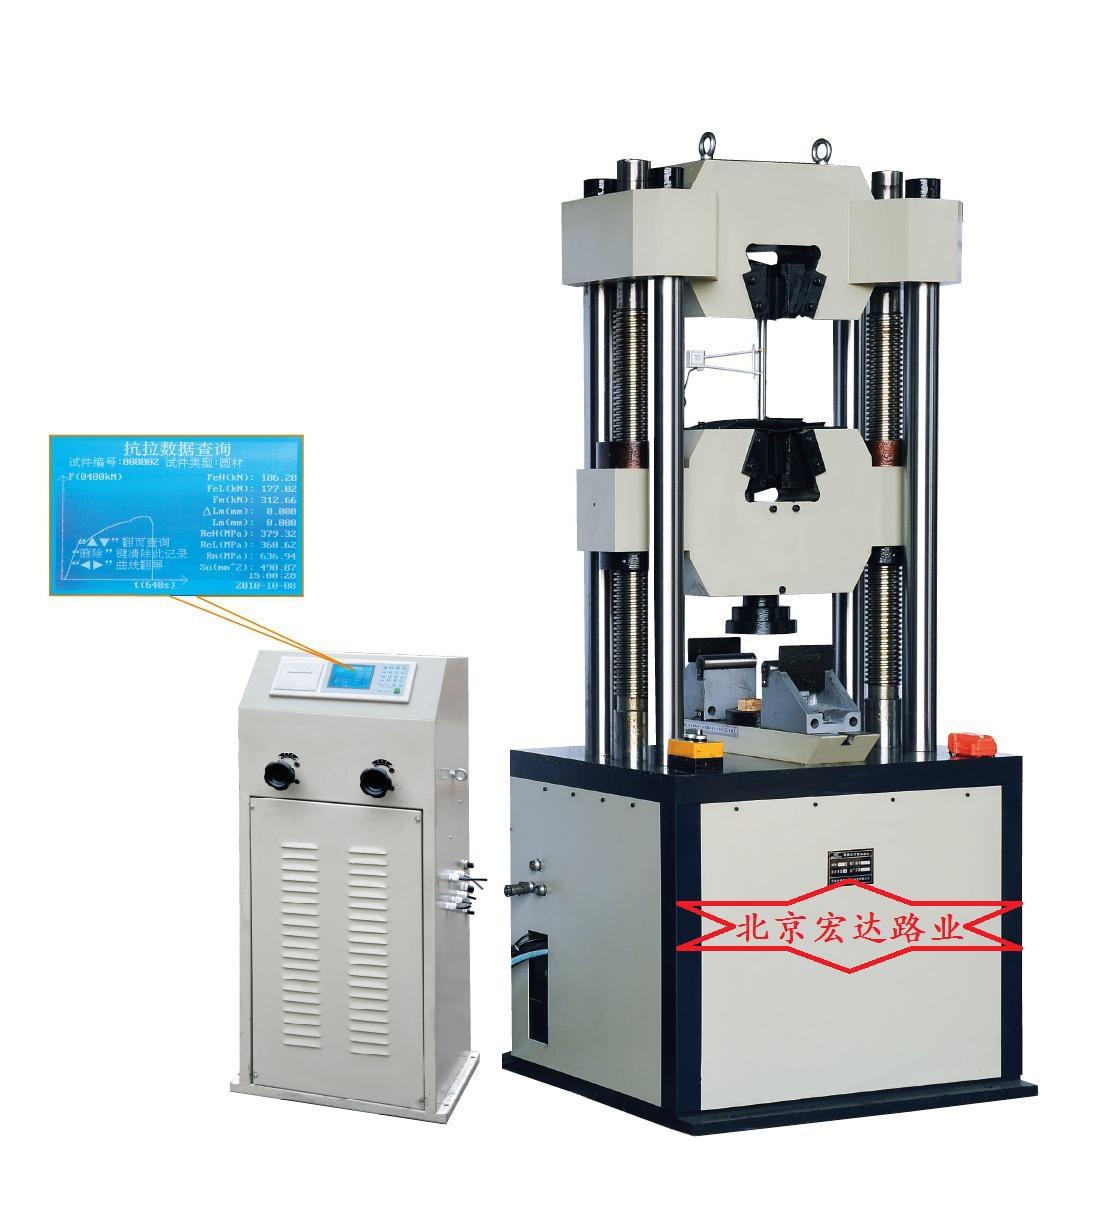 WE-600B液晶数显式液压万能试验机图